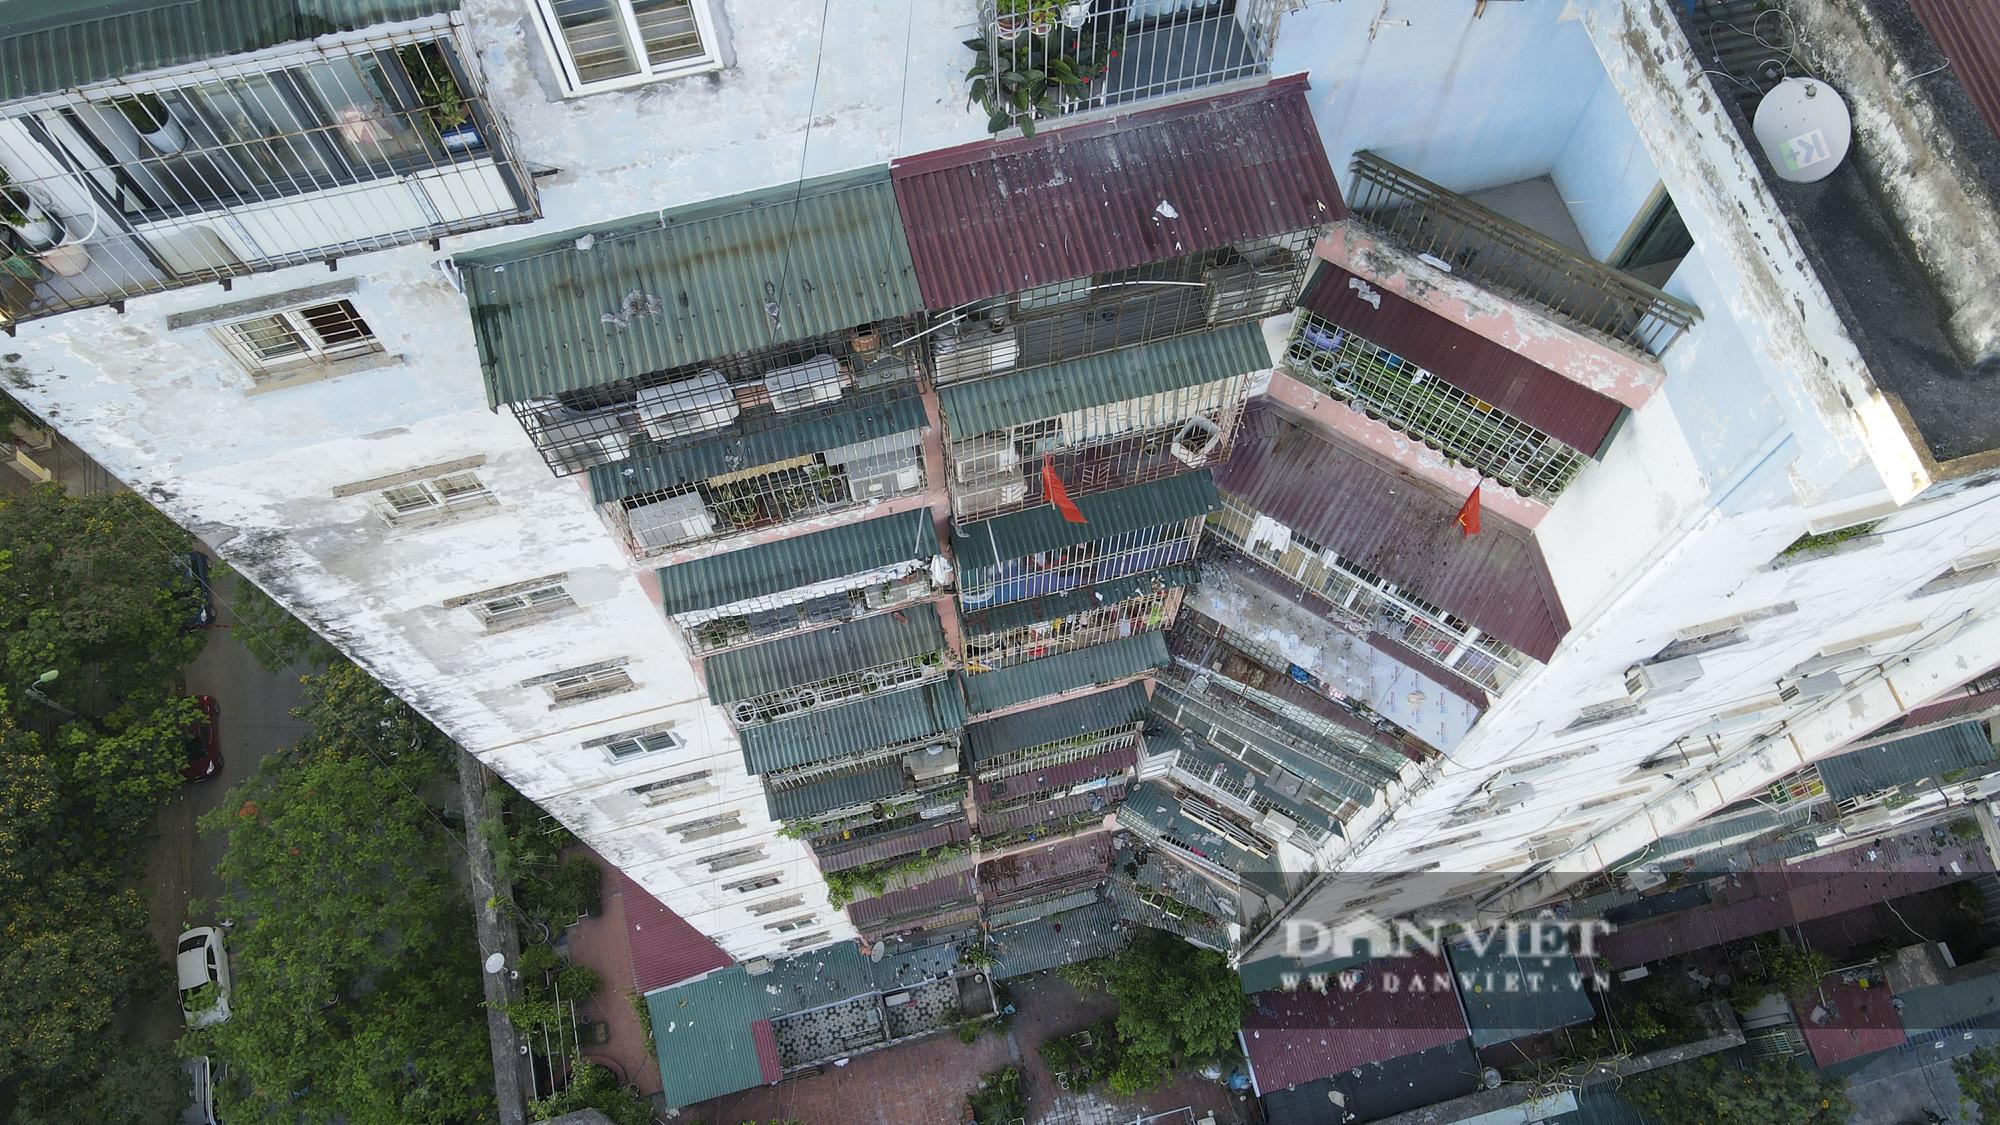 """Phát sợ với """"chuồng cọp"""" khổng lồ lủng lẳng ở những chung cư cao tầng Lĩnh Nam - Ảnh 5."""